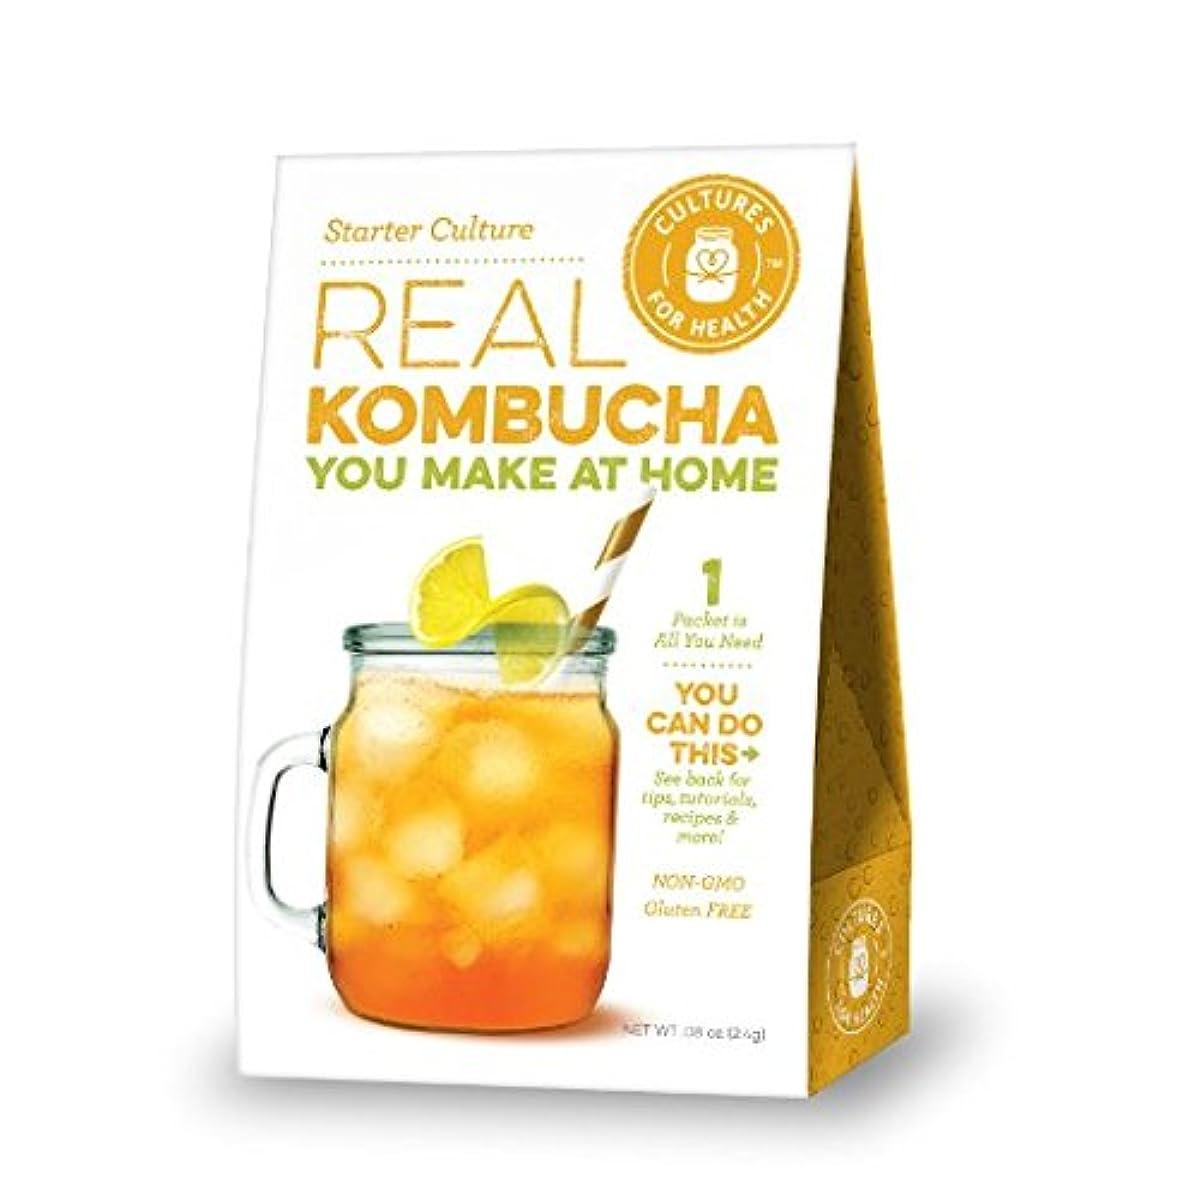 泥欠席シチリア日本でも大ヒットのKombucha 紅茶キノコダイエット 日本非売品を並行輸入(海外直送品) (紅茶キノコをお家で培養(菌の販売) [並行輸入品]